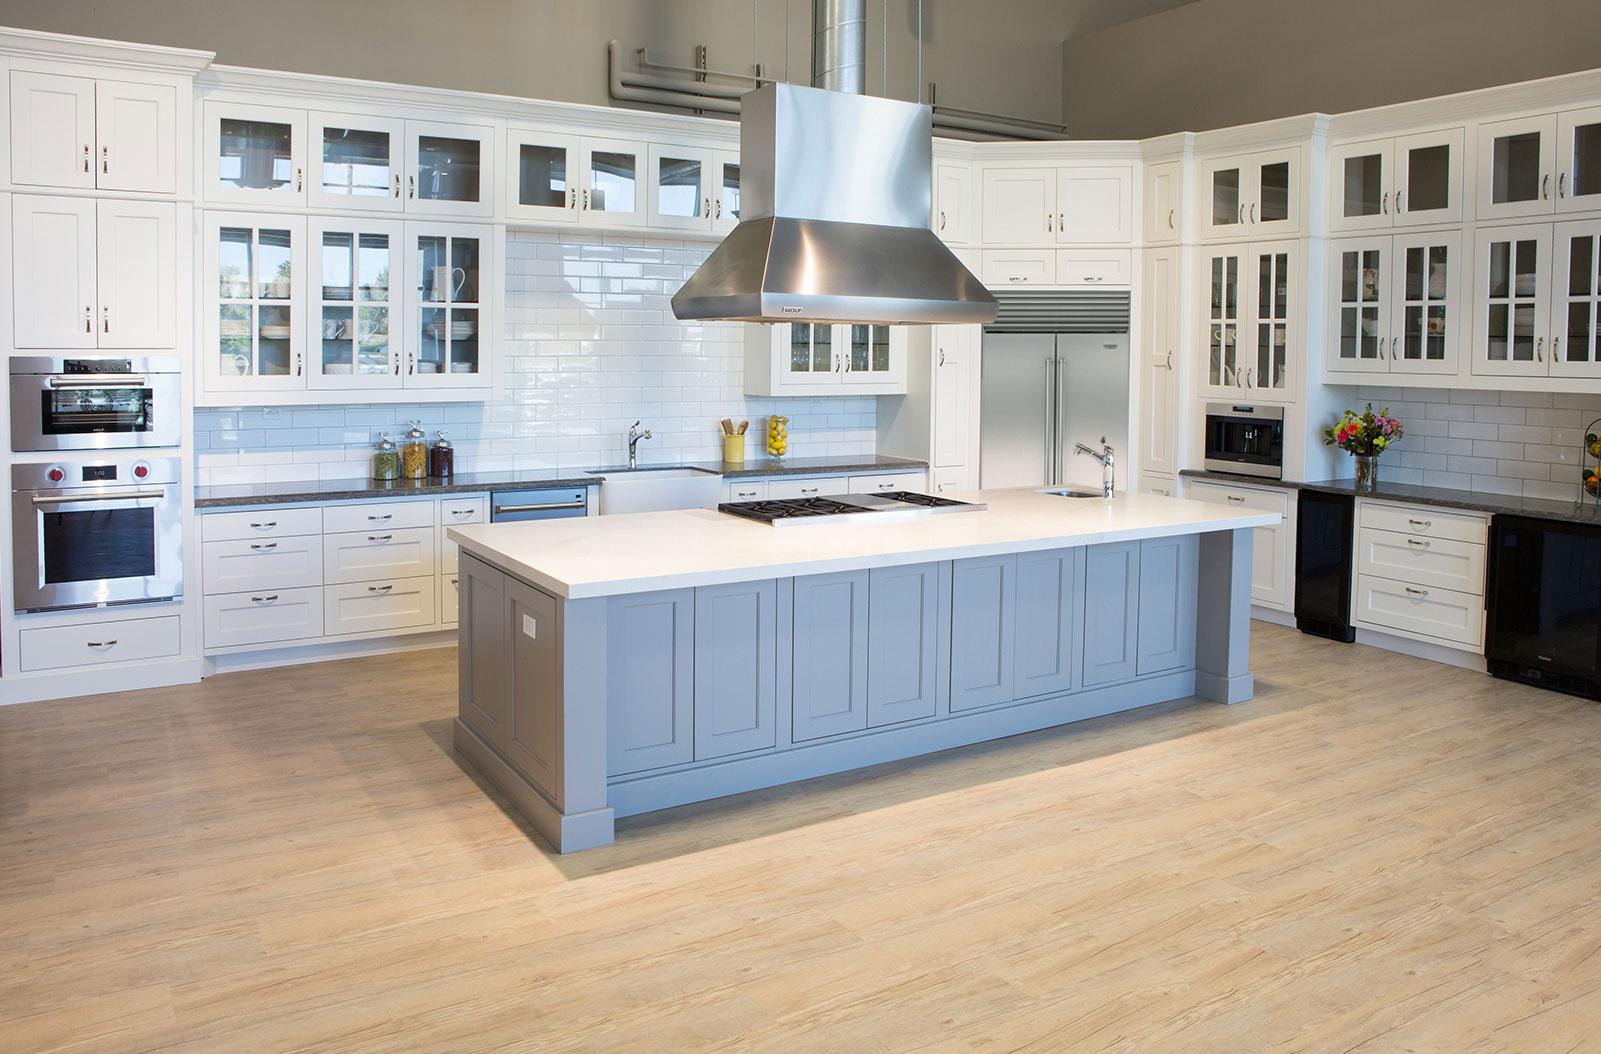 Stone Creek Furniture Kitchen Chandler Showroom Sub Zero Wolf Appliances